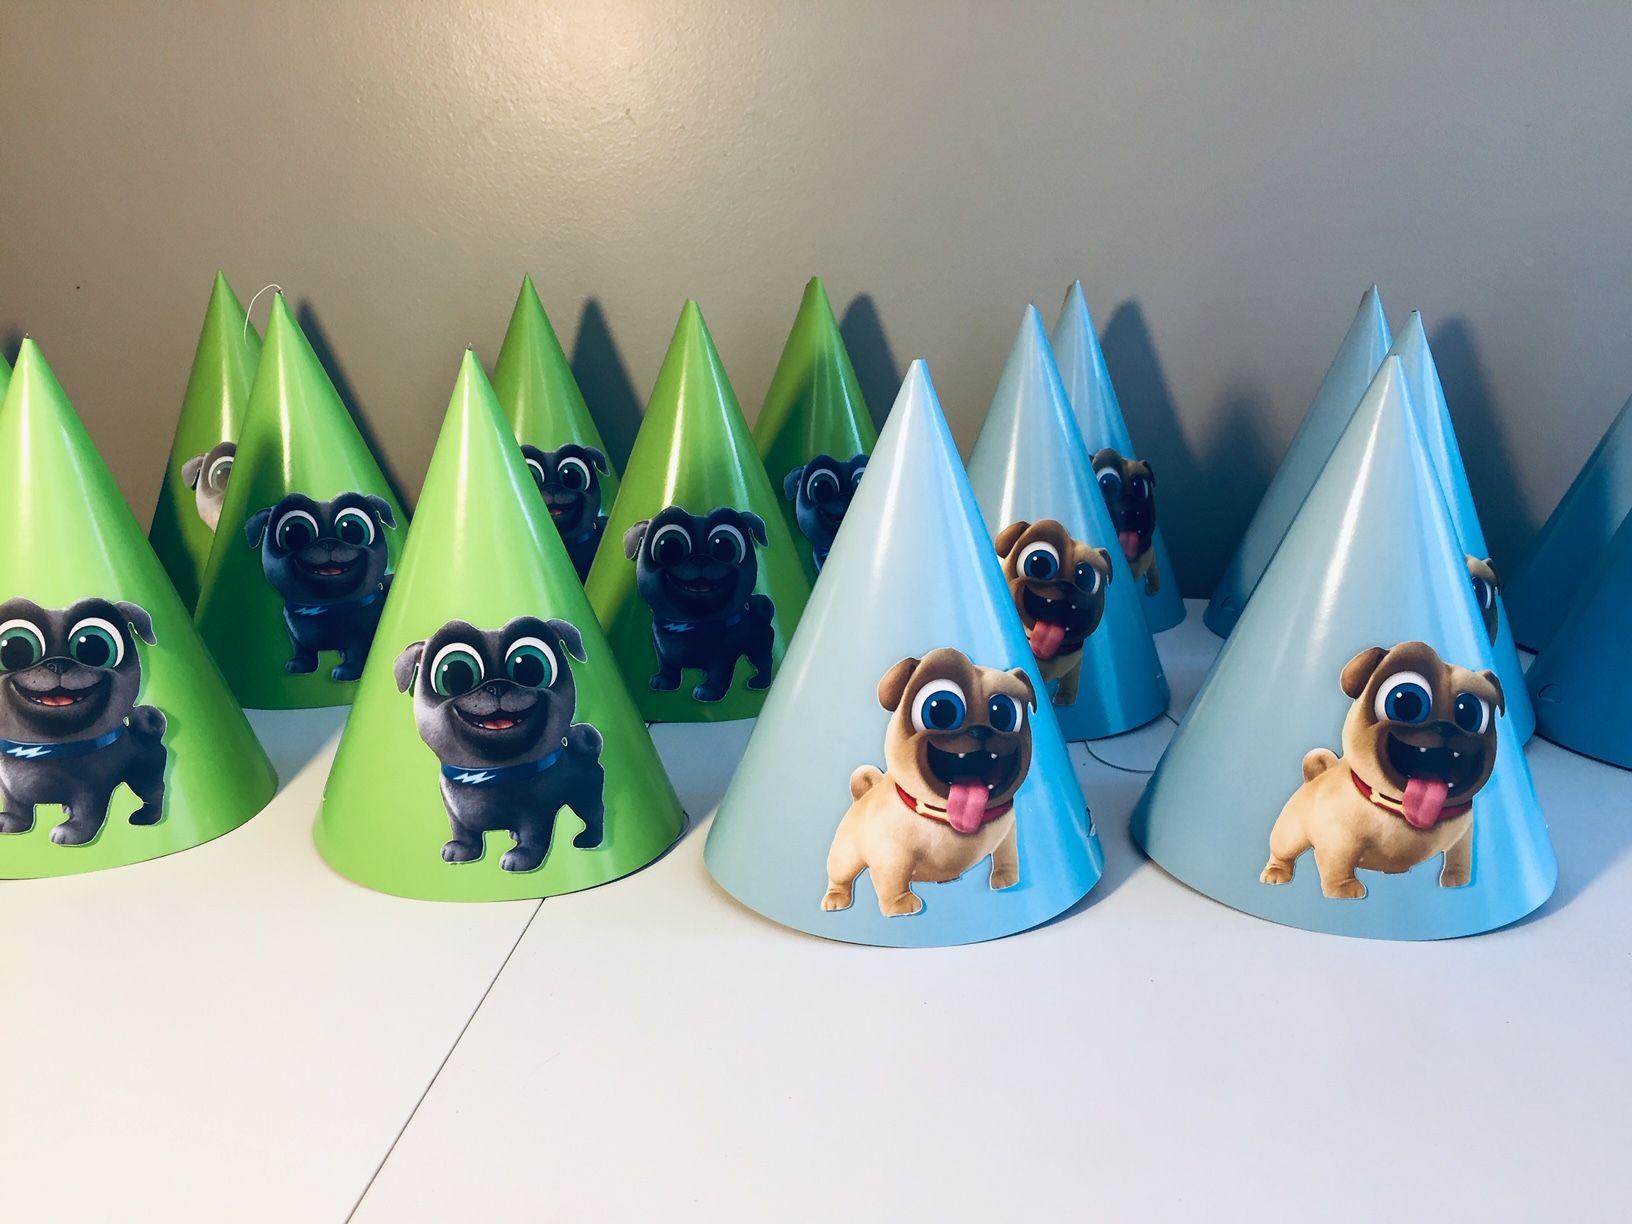 Malachi 4th Birthday Fiesta De Cachorros Fiestas Tematicas De Perros Fiesta Cumpleanos